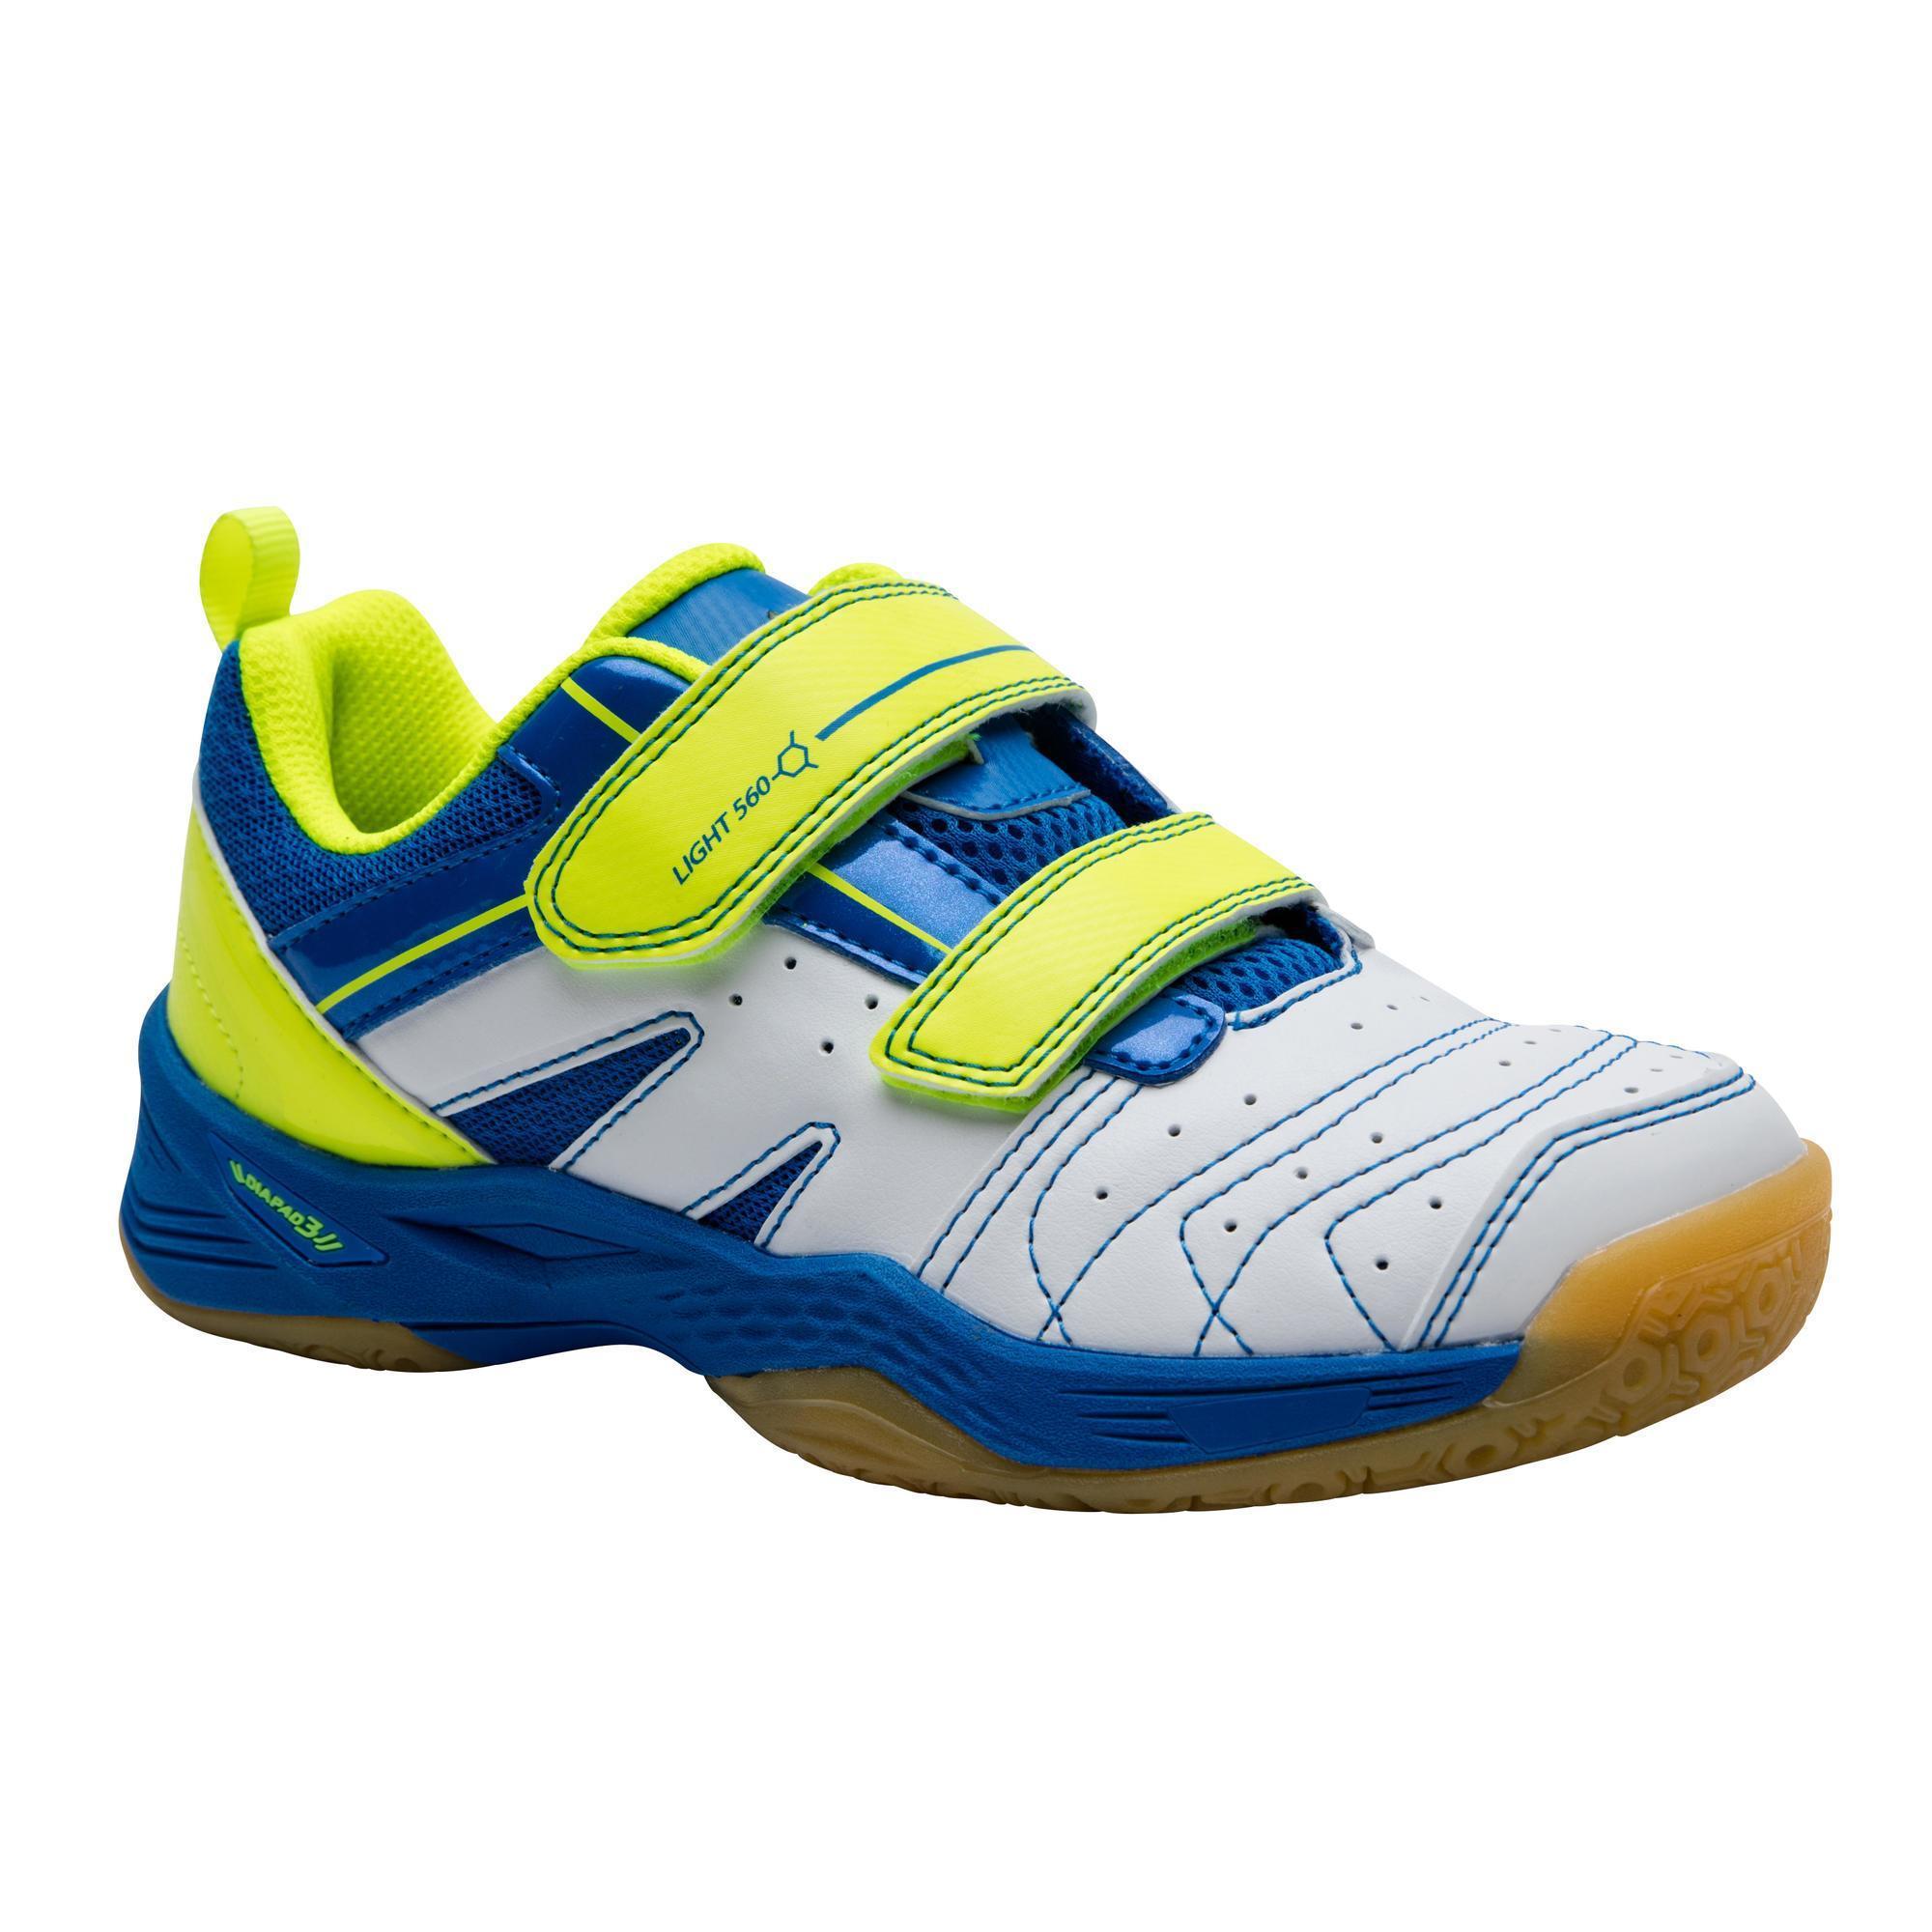 super popular 2852f 05dca Schuhe Baby  Große Auswahl für kleine Füße  DECATHLON